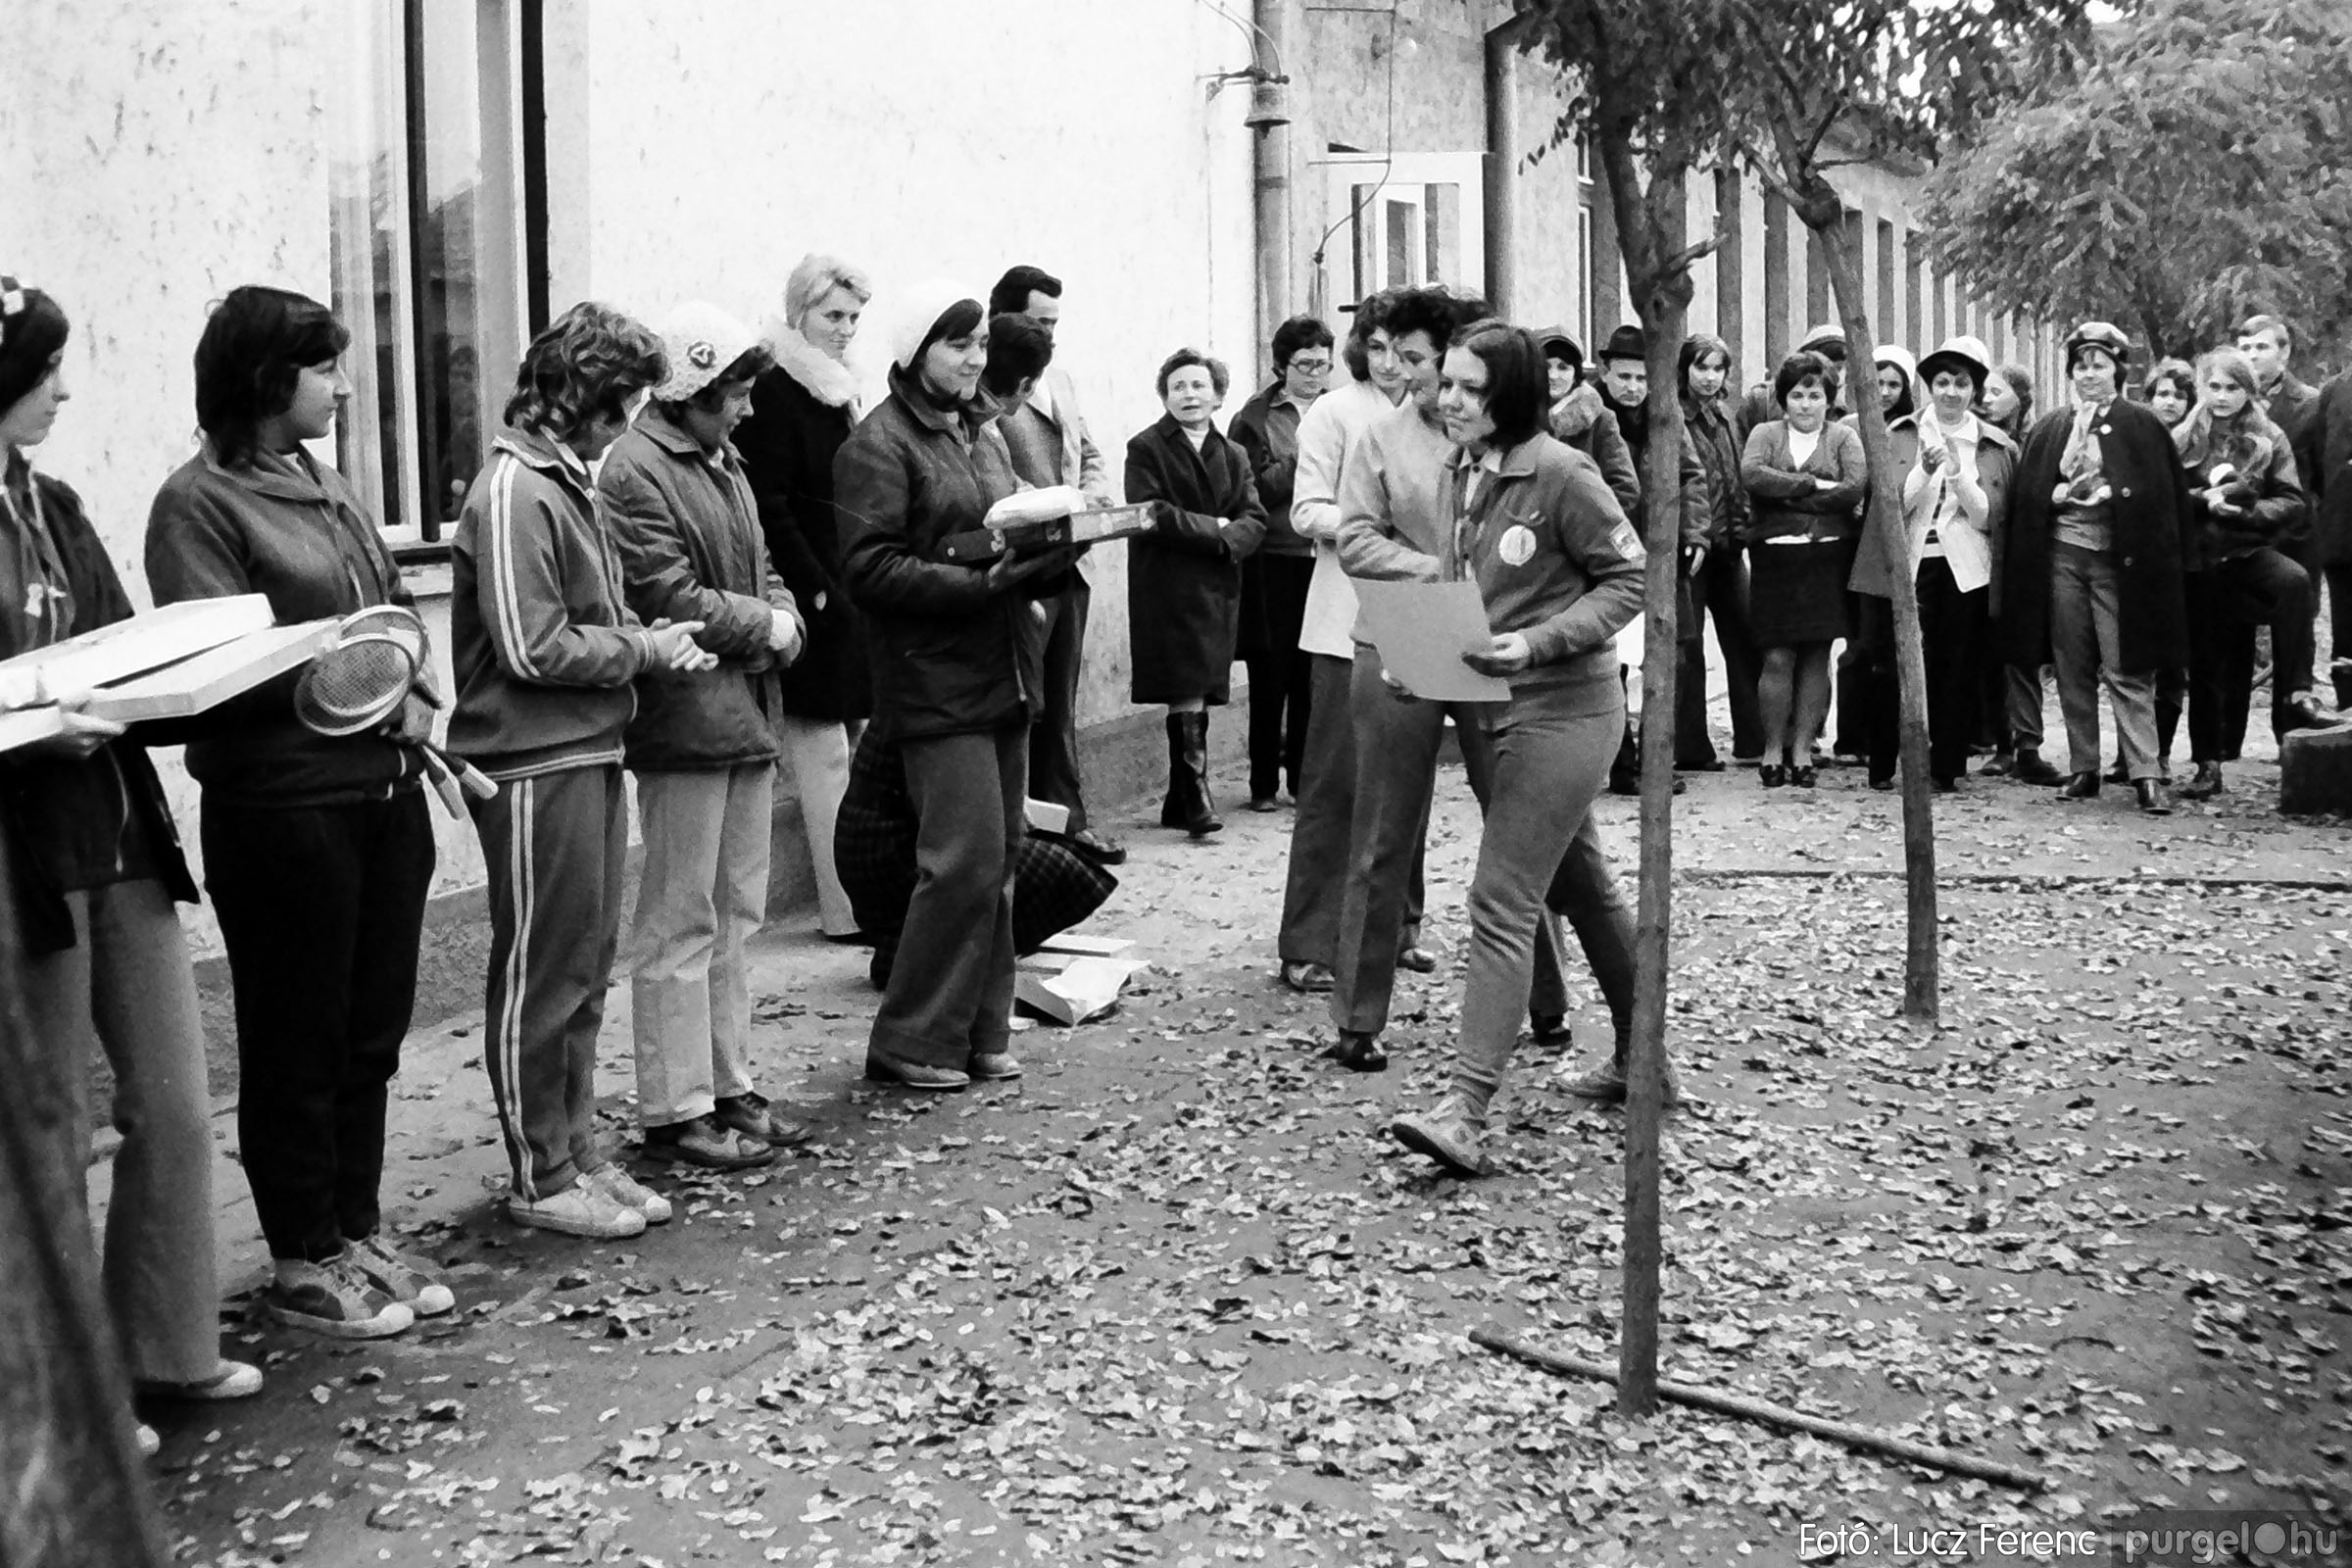 004A 1970-es évek - Úttörő rendezvény 021 - Fotó: Lucz Ferenc IMG00032q.jpg